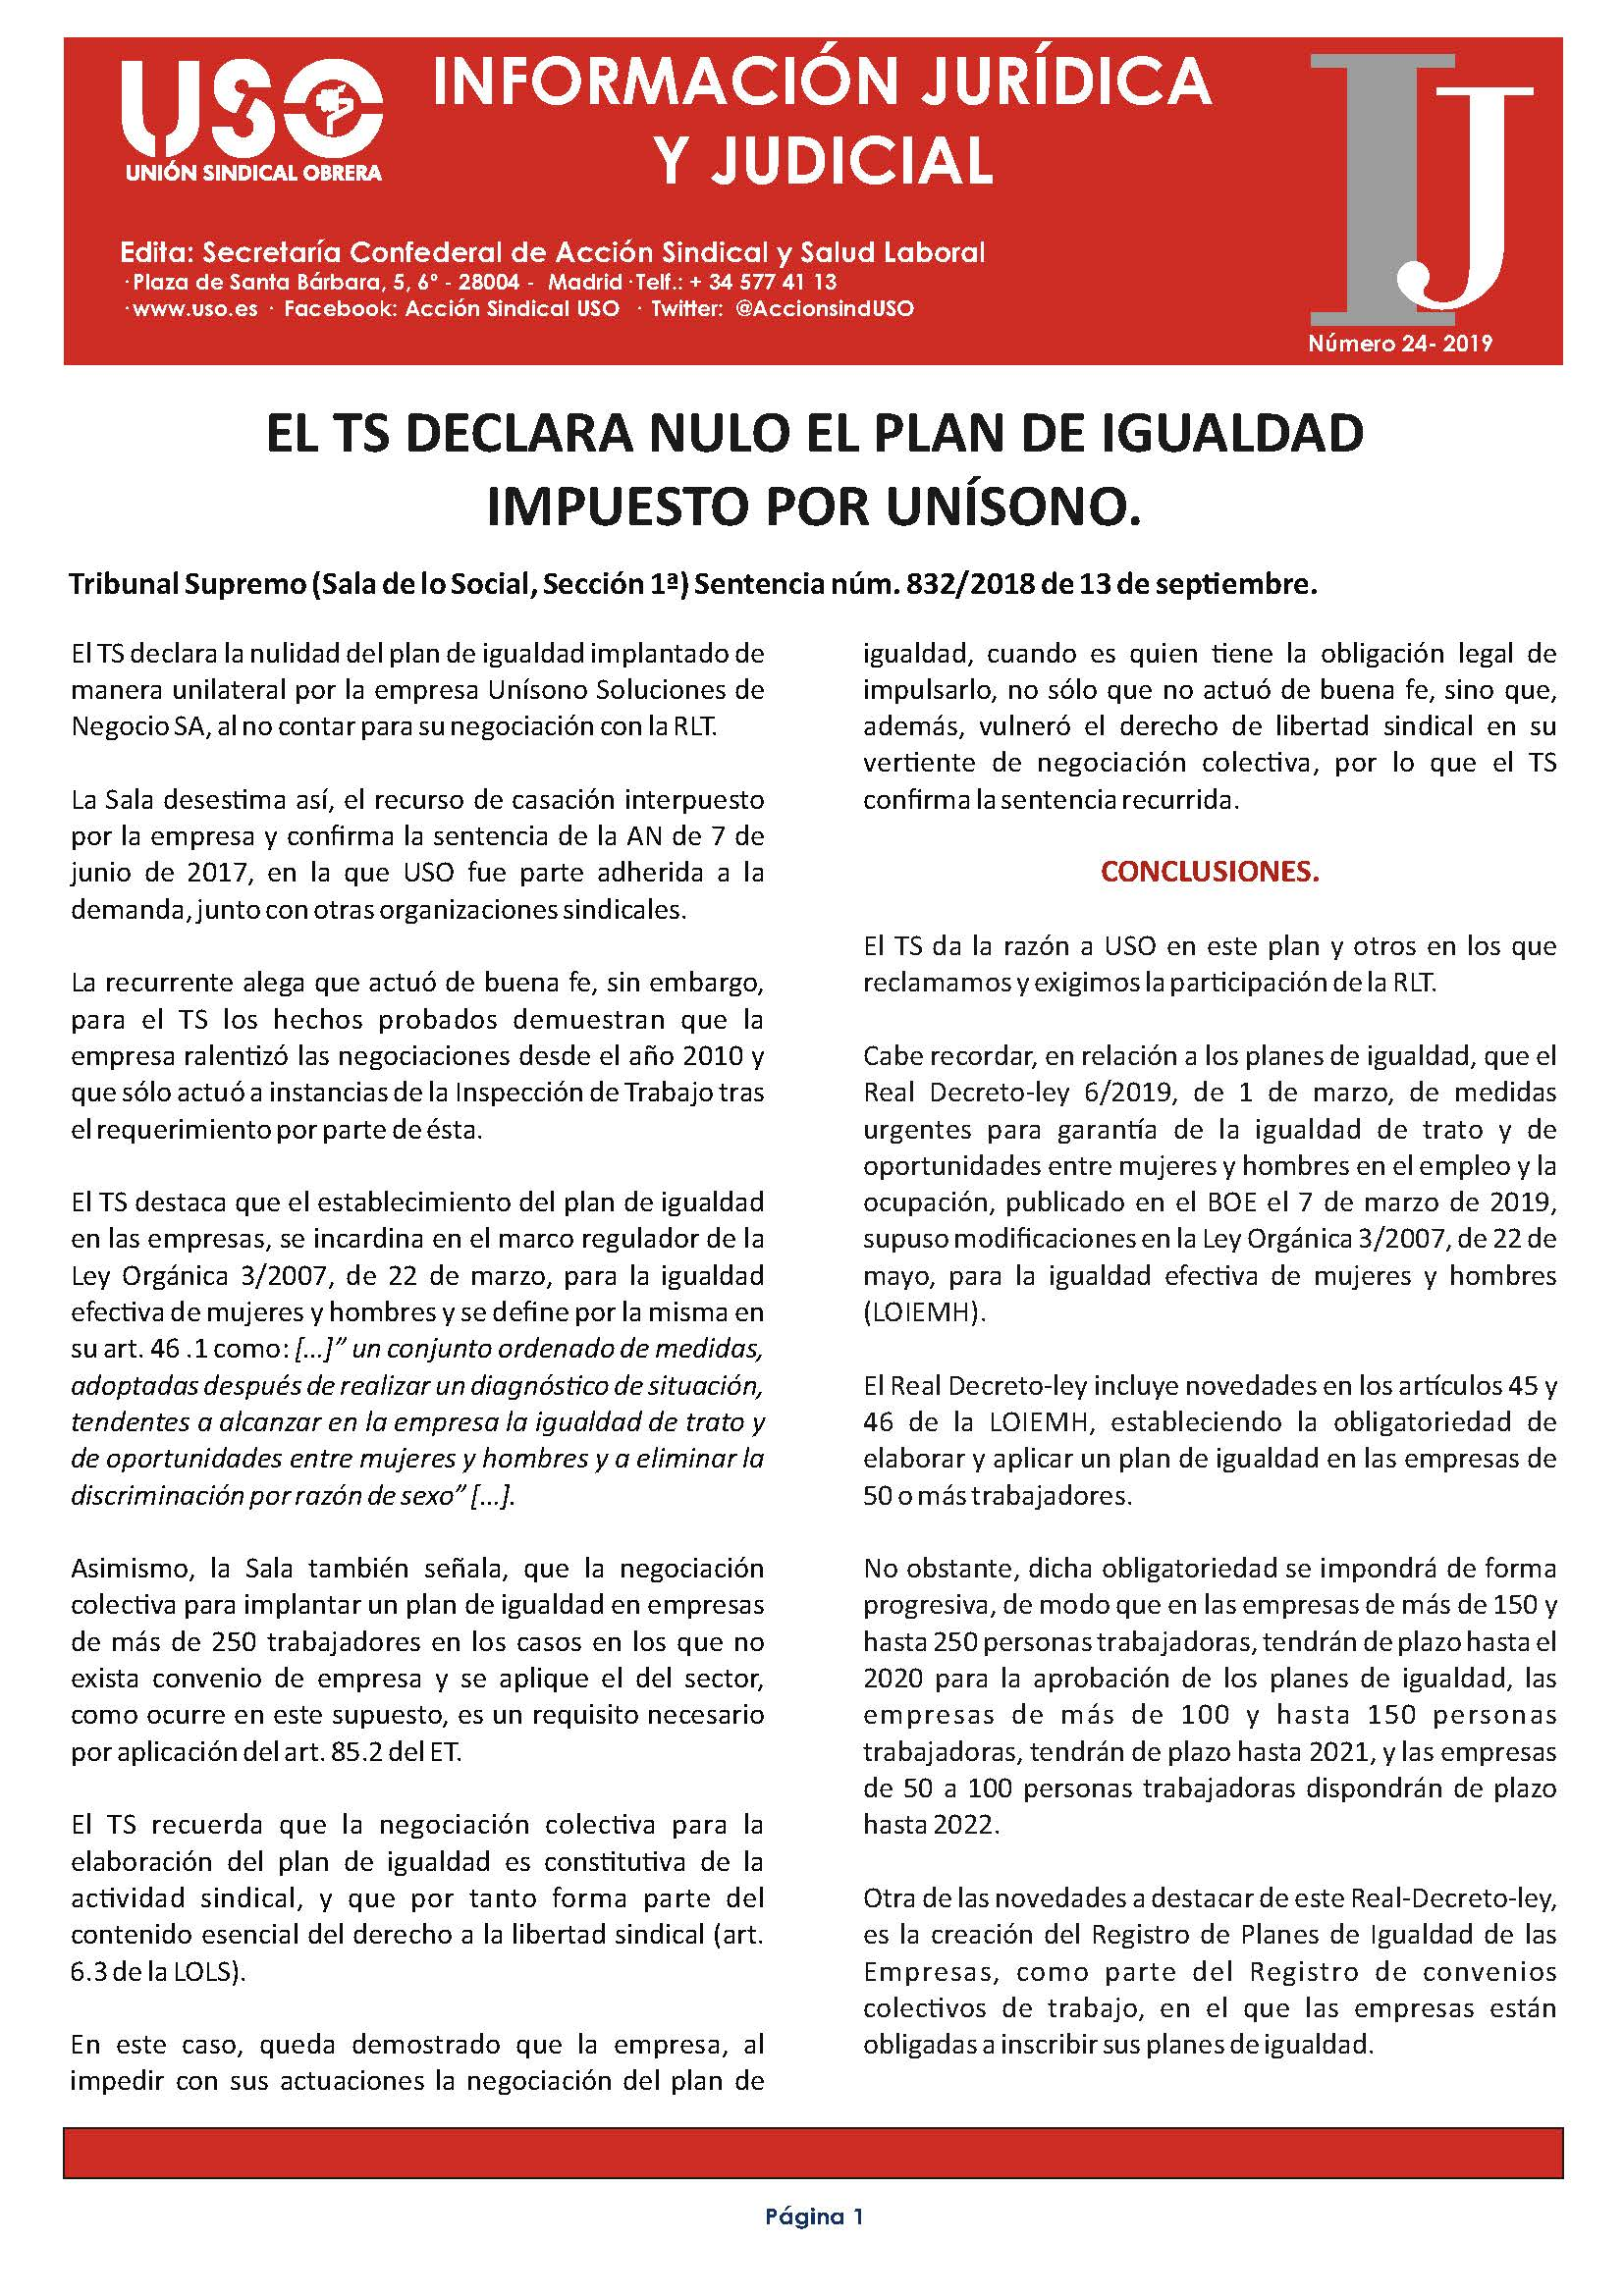 Información Jurídica y Judicial nº 24